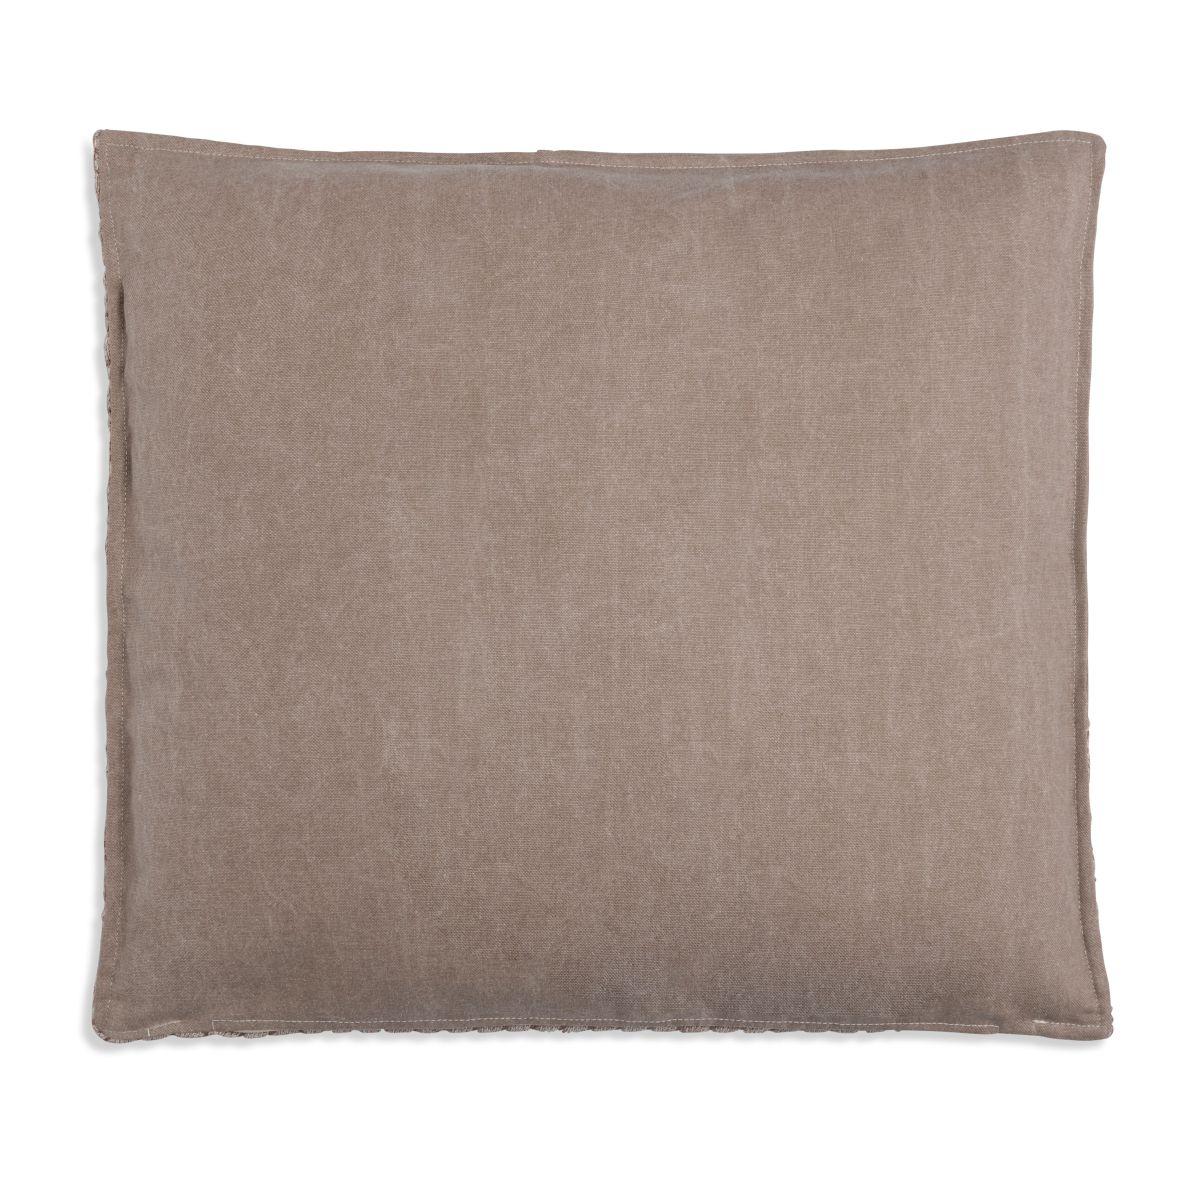 knit factory 1251253 kussen 50x50 jack marron beige 2